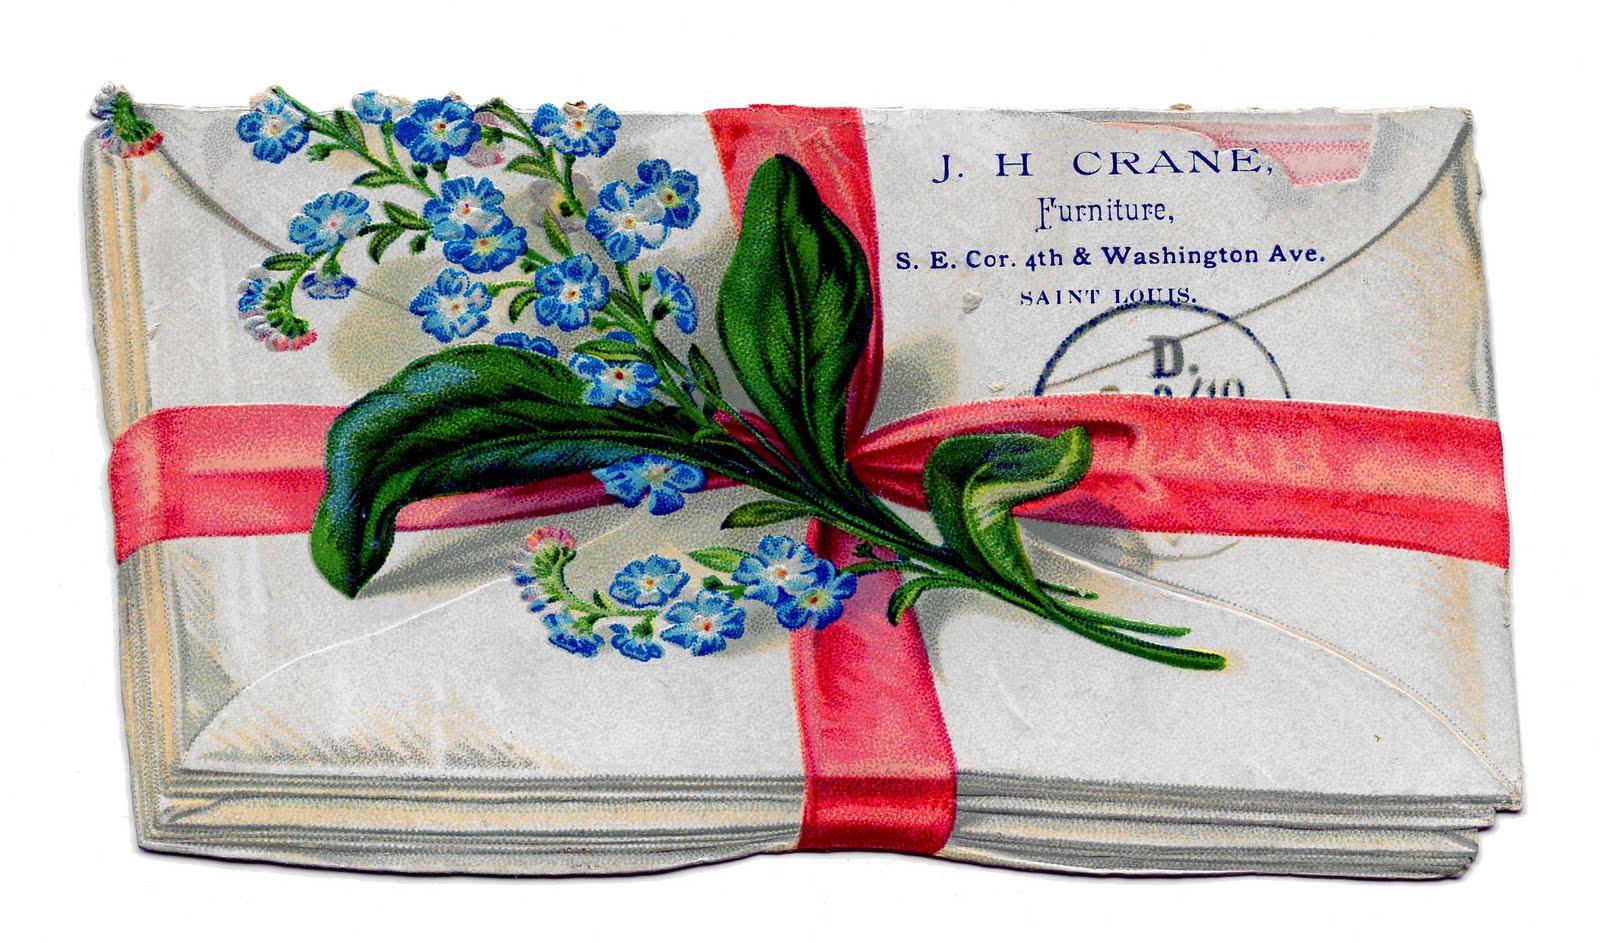 Vintage Clip Art - Bundle of Letters - The Graphics Fairy